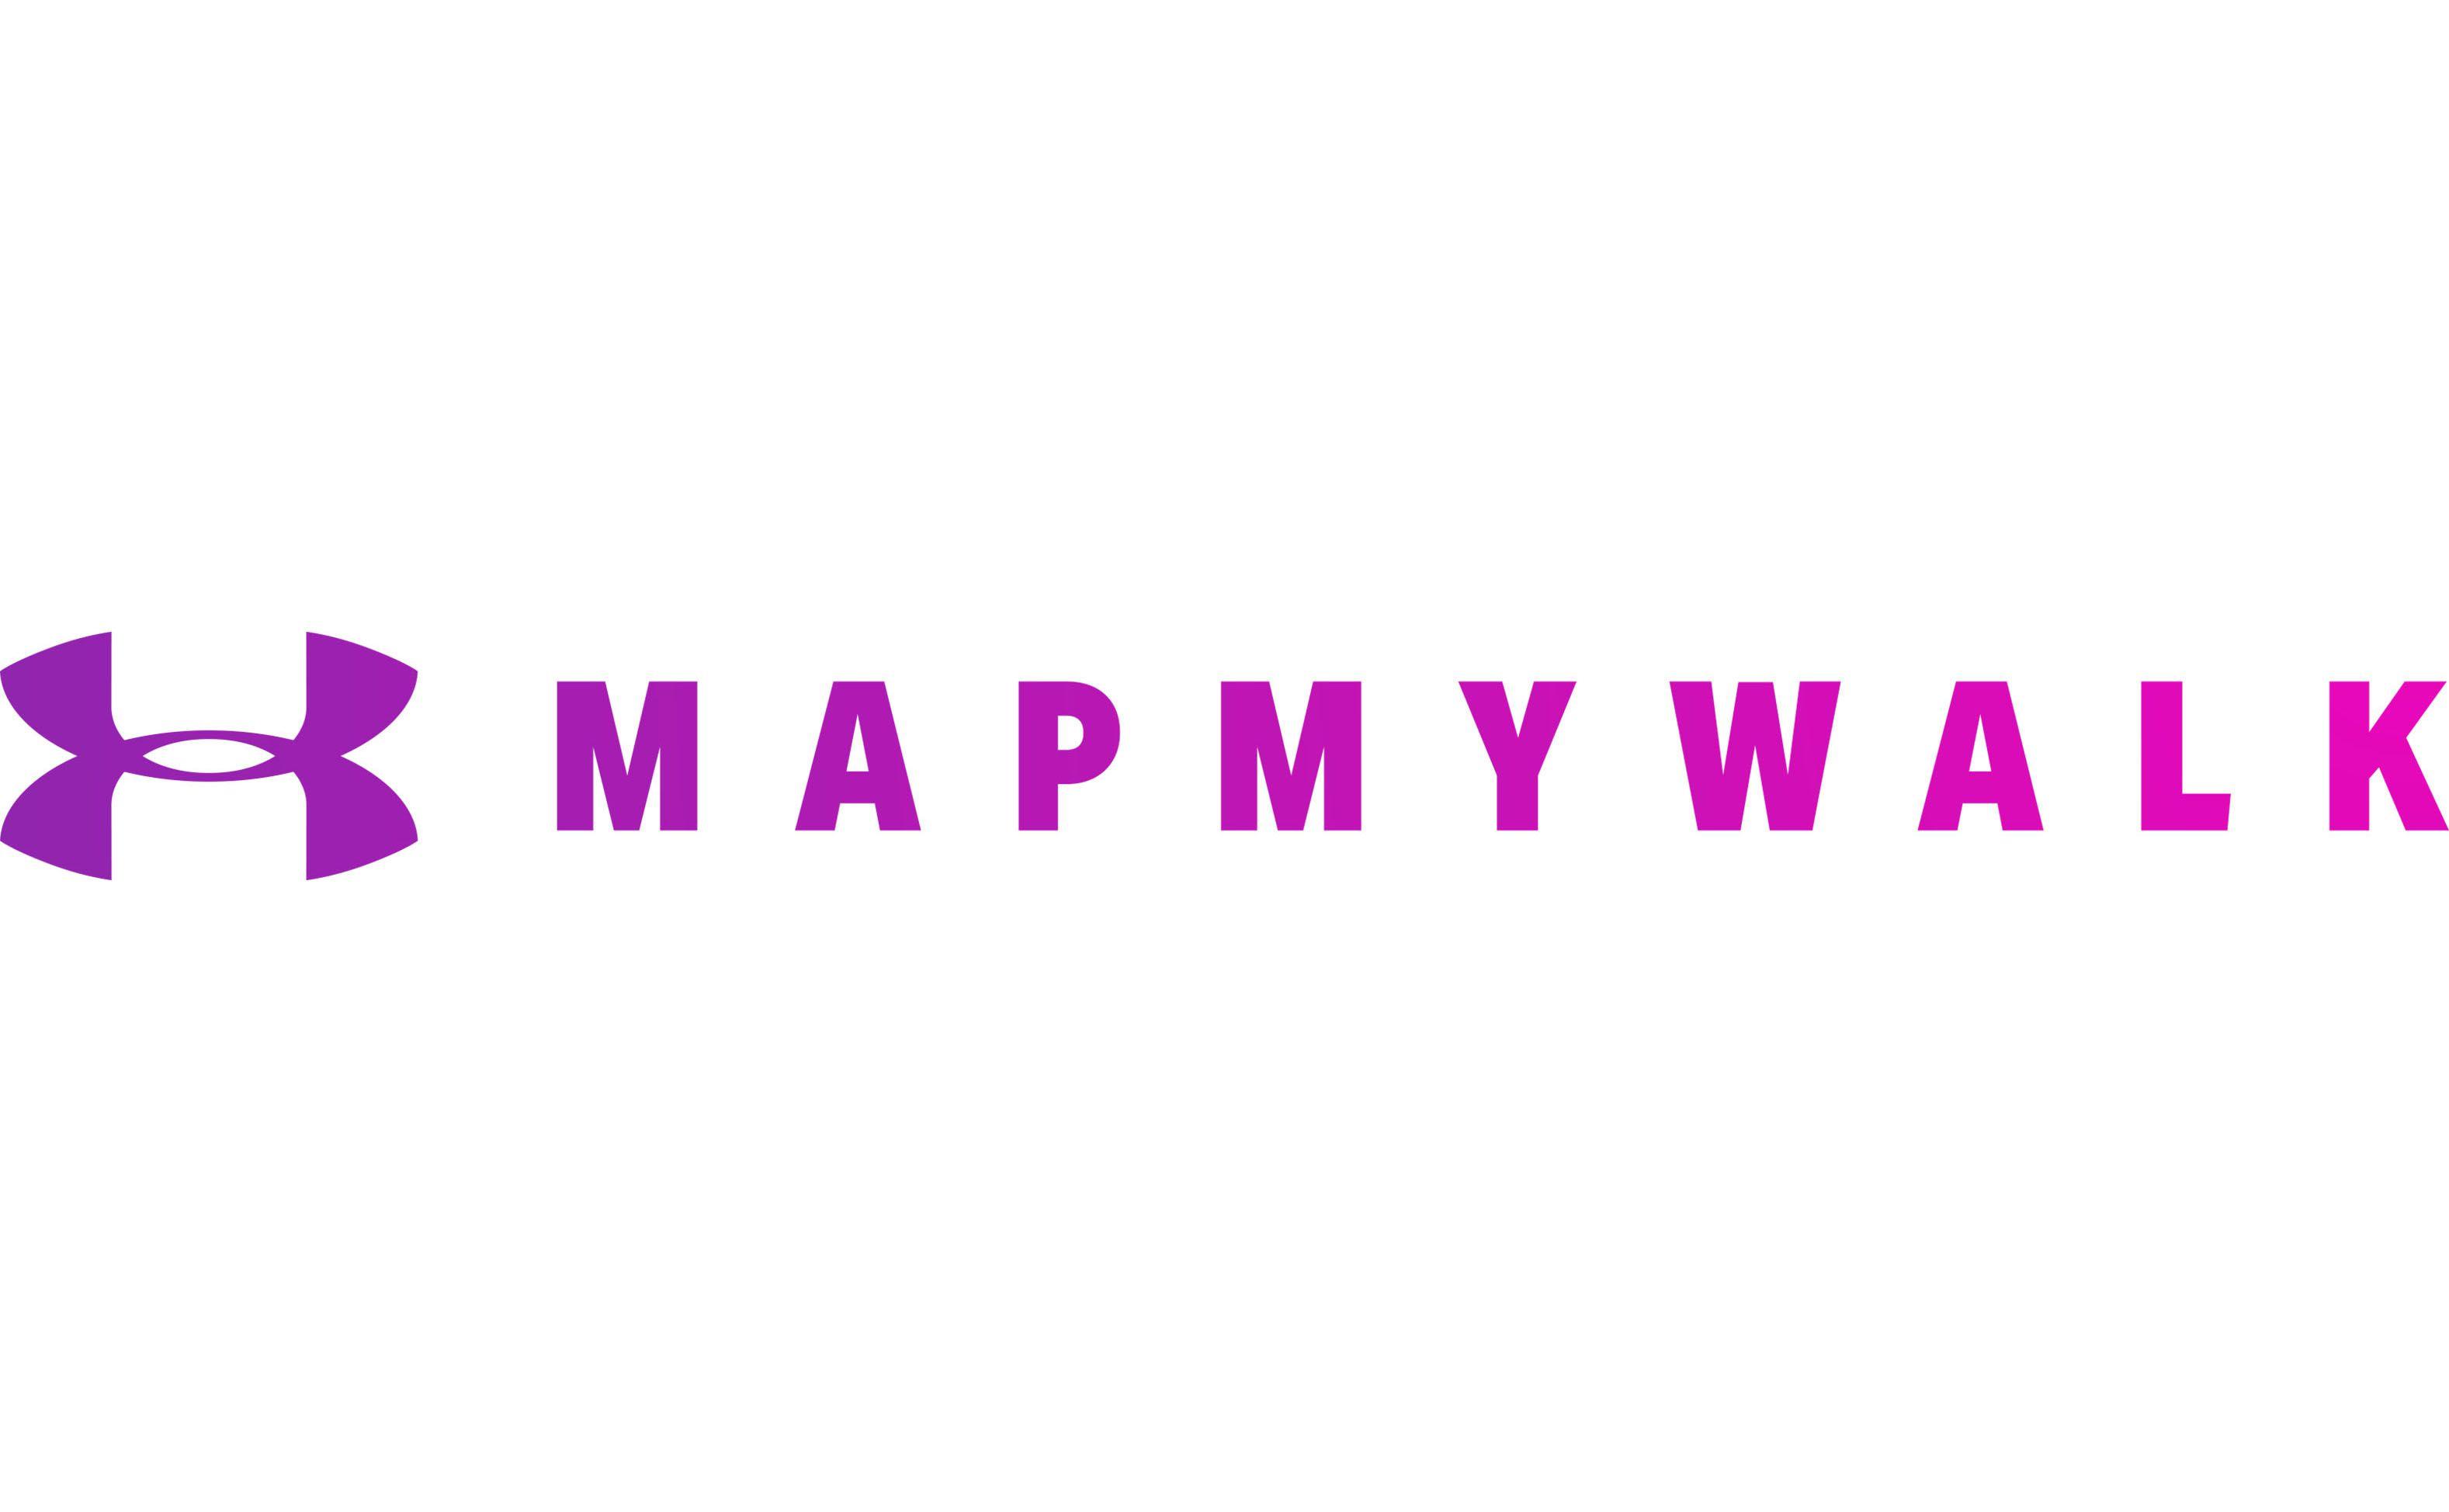 MapMyWalk